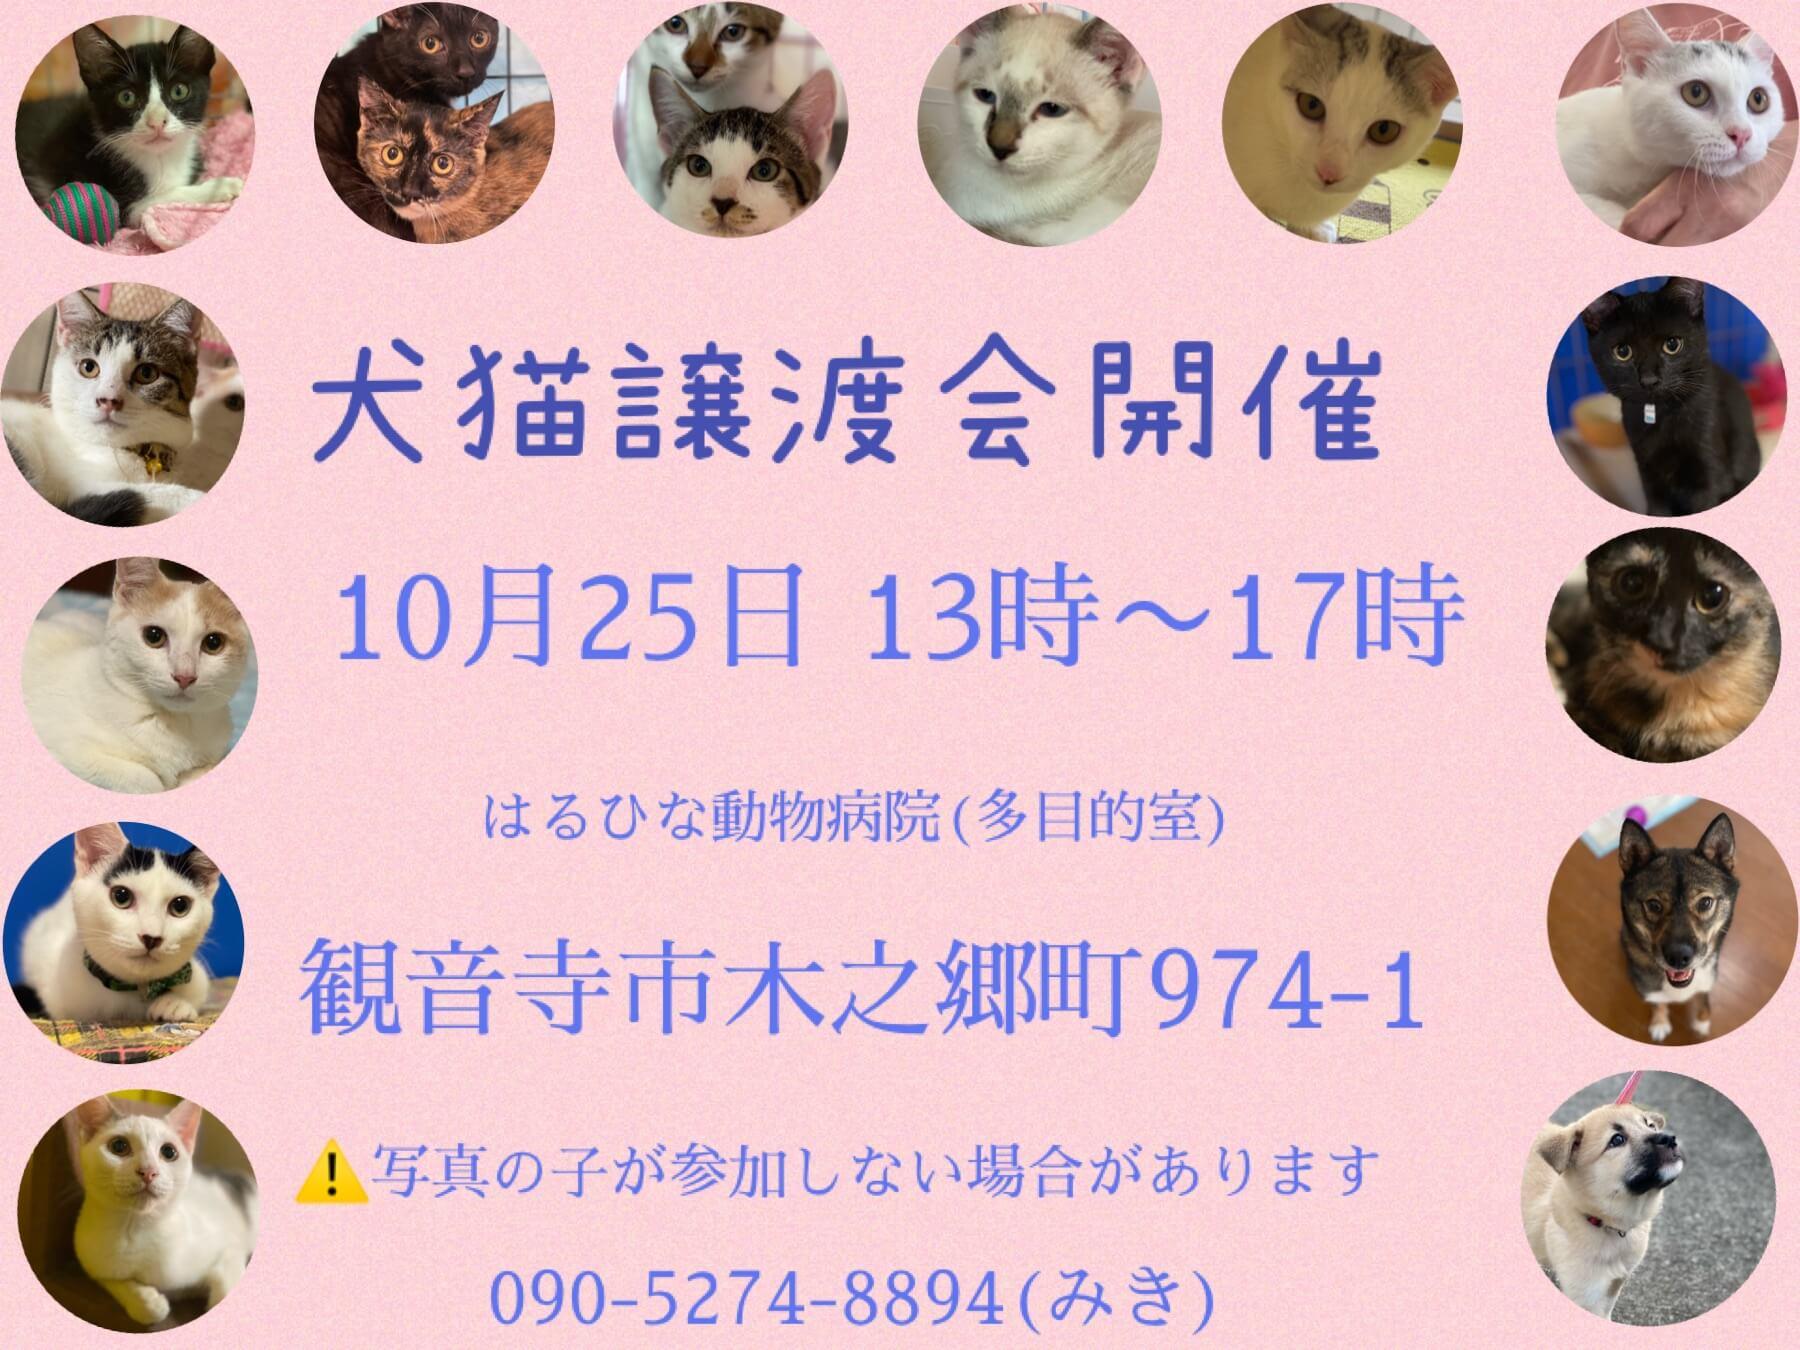 香川 犬猫譲渡会開催!